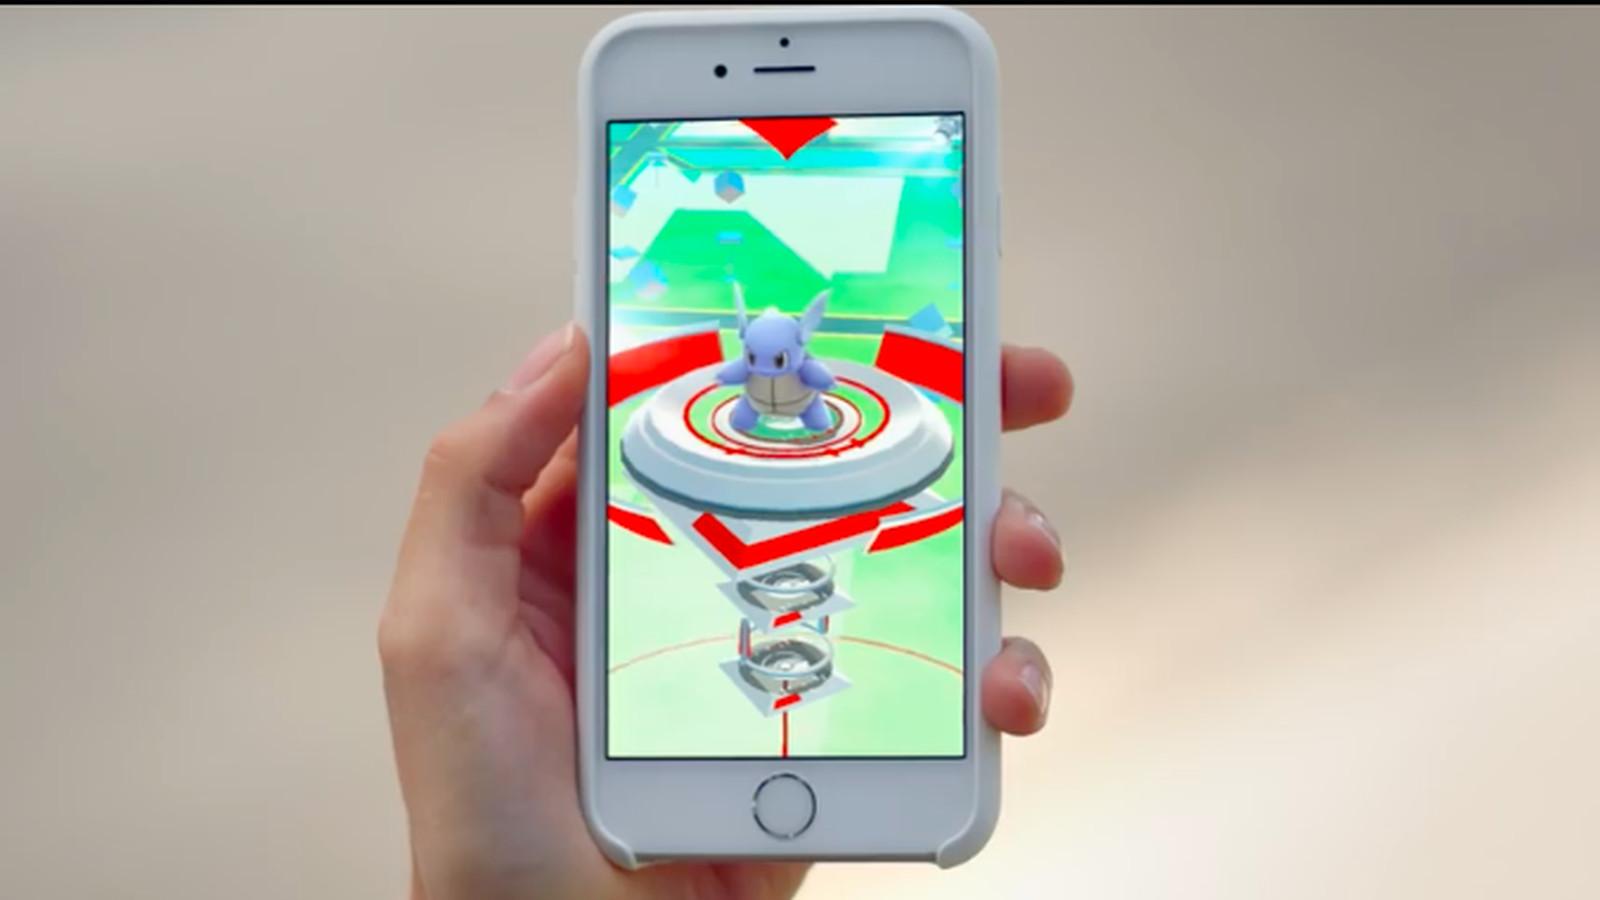 Pokémon Go's biggest missing features